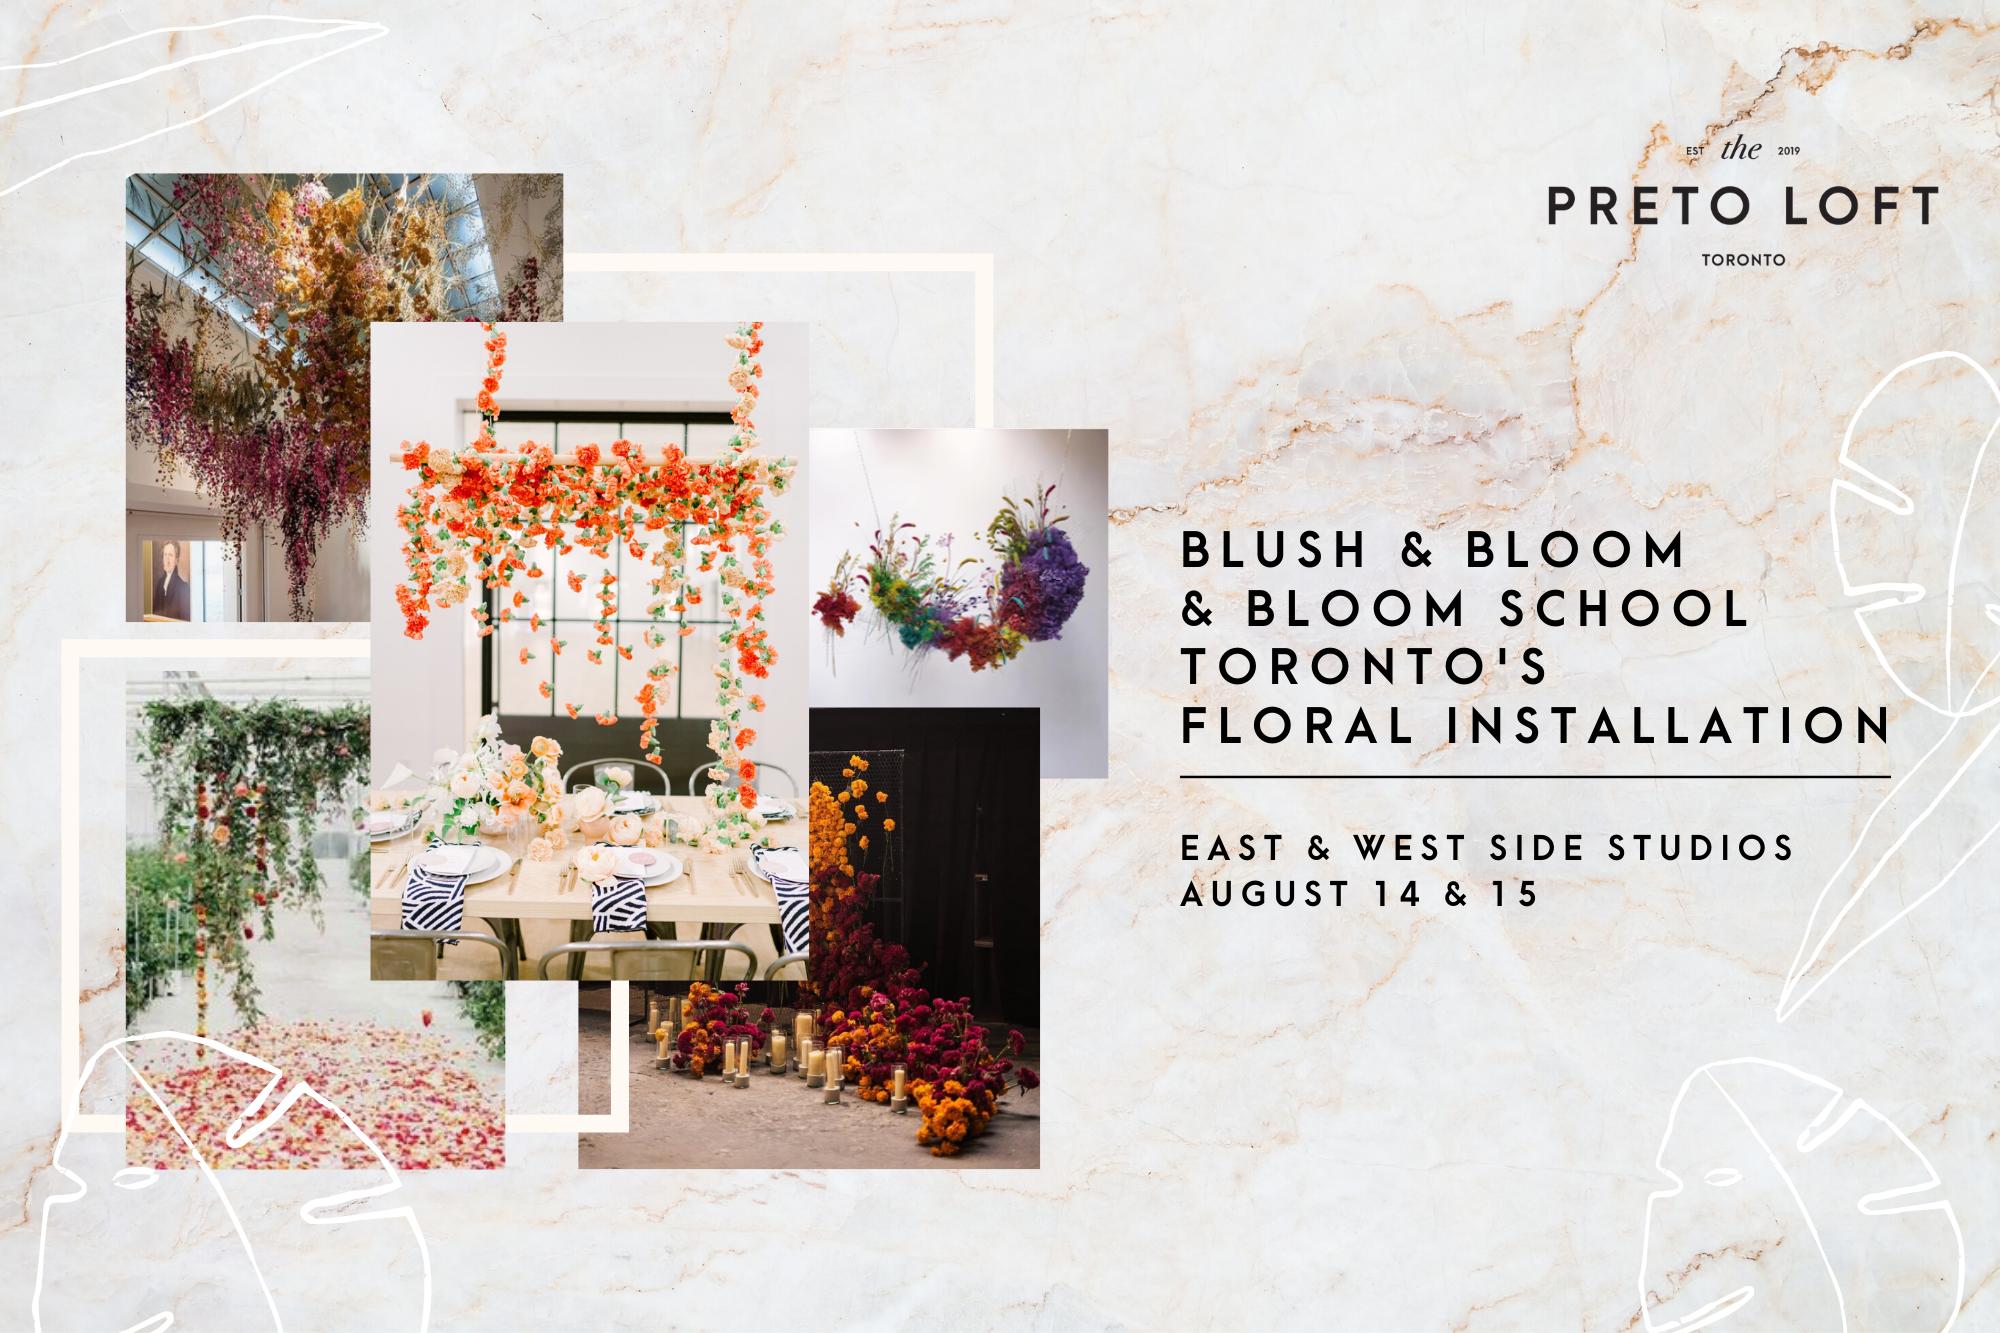 Floral Installation at Preto Loft